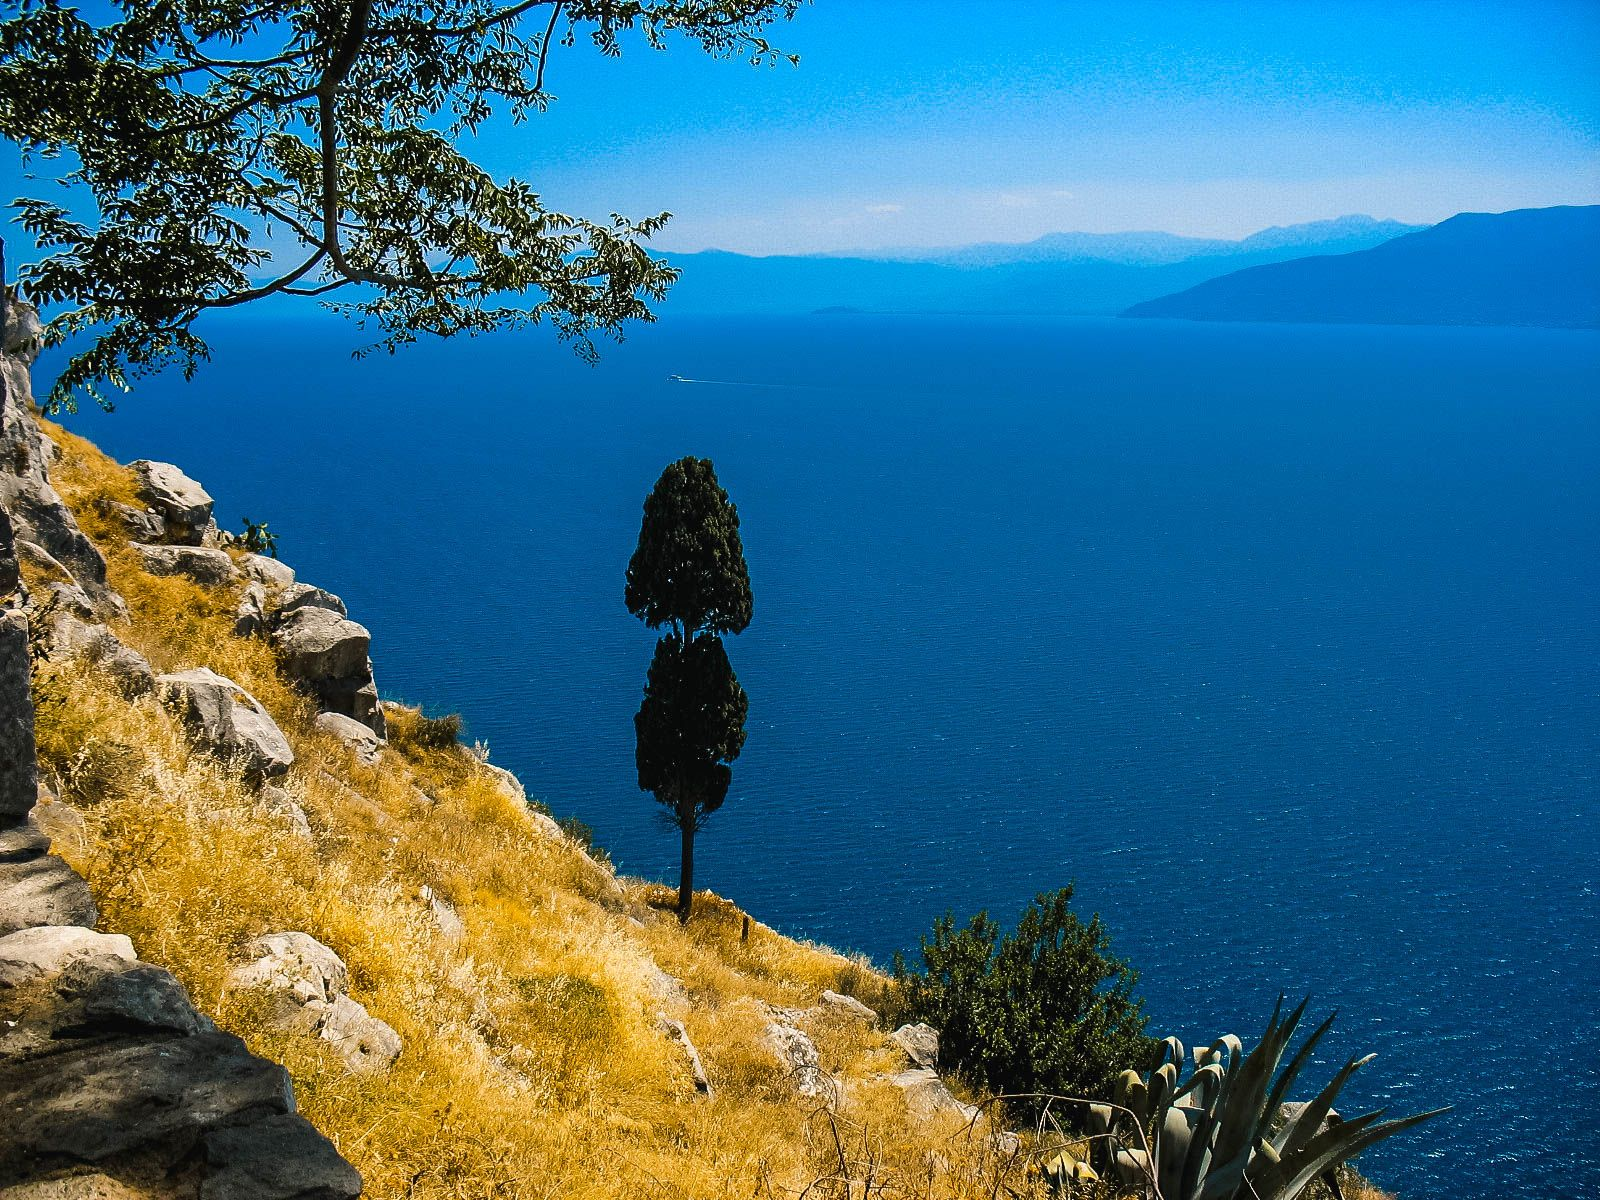 Одинокое дерево на берегу Эгейского моря , Греция (17.07.2008)